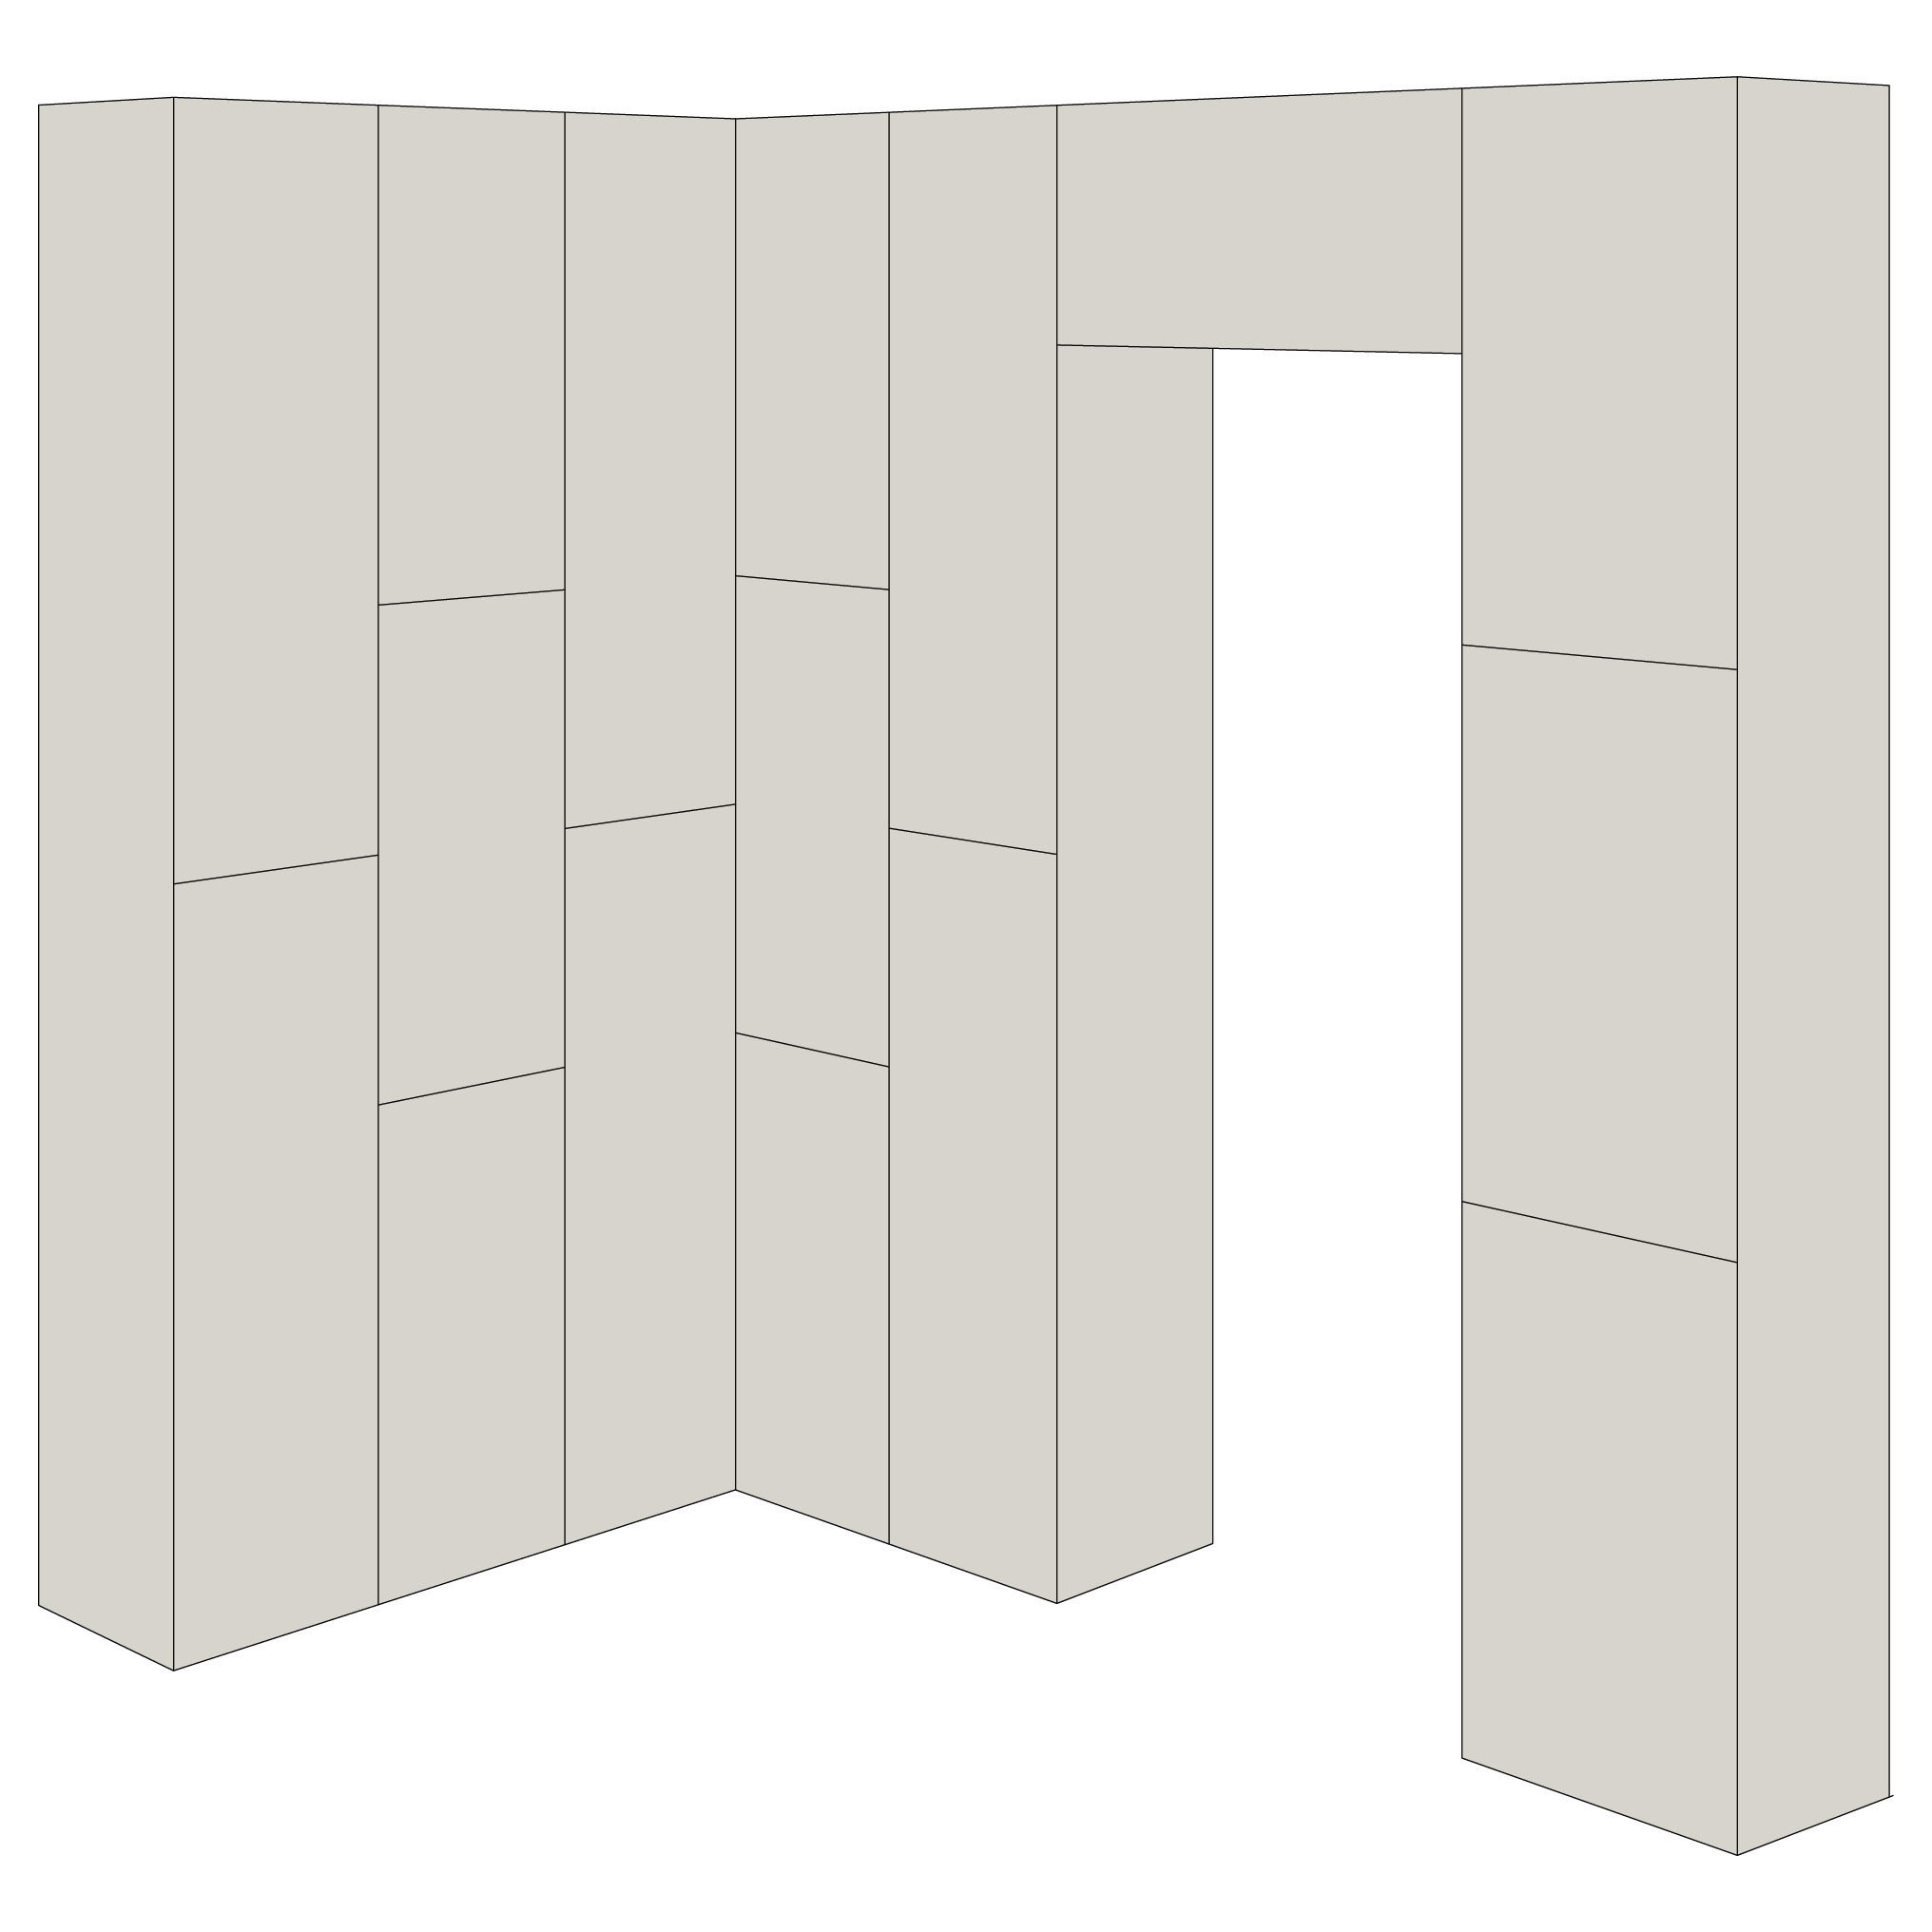 0598-d1-03.png